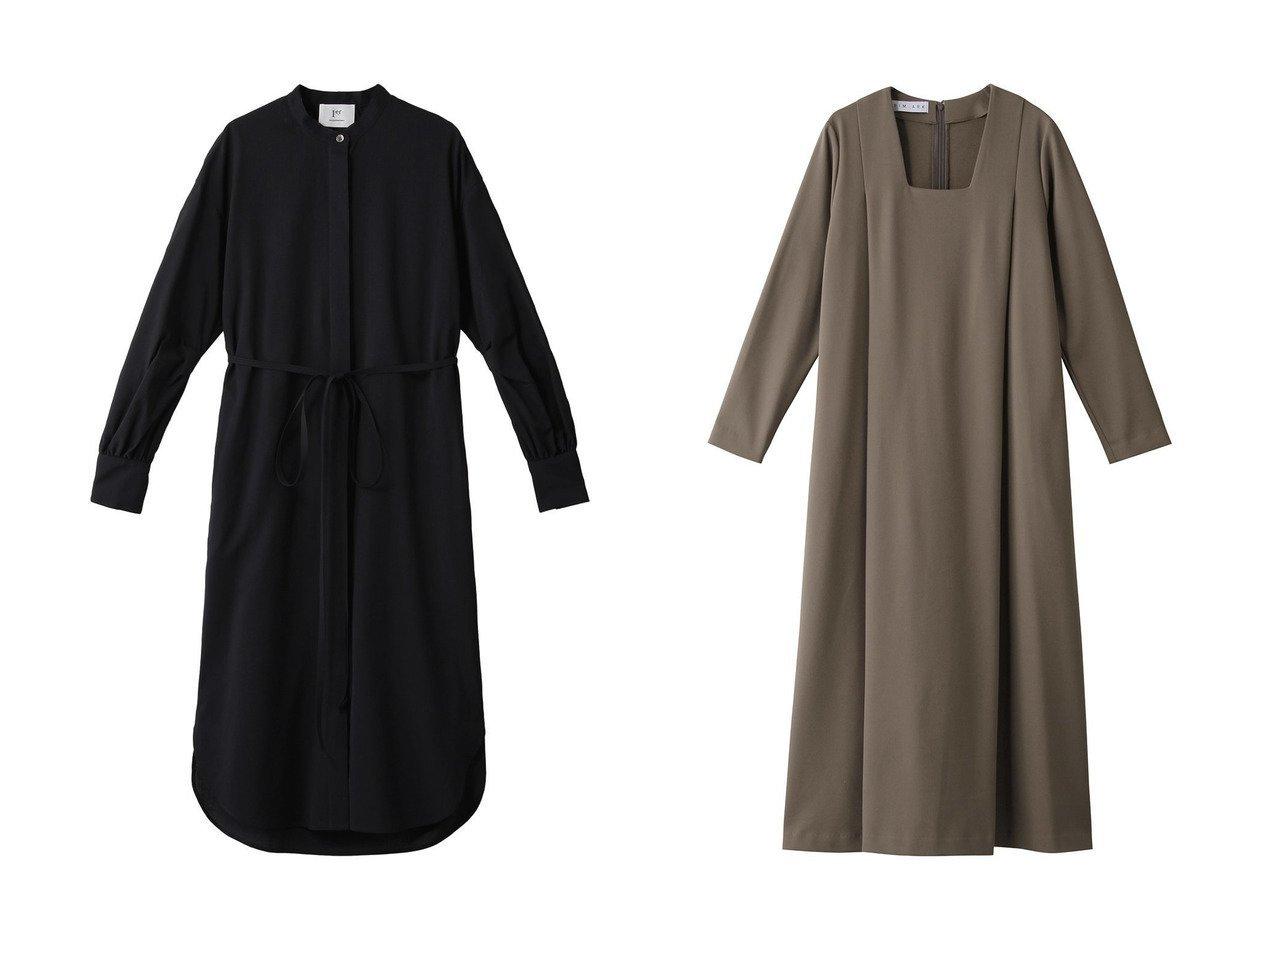 【1er Arrondissement/プルミエ アロンディスモン】のノーカラーロングワンピ-ス&【RIM.ARK/リムアーク】のドレス・ワンピース ワンピース・ドレスのおすすめ!人気、レディースファッションの通販  おすすめで人気のファッション通販商品 インテリア・家具・キッズファッション・メンズファッション・レディースファッション・服の通販 founy(ファニー) https://founy.com/ ファッション Fashion レディース WOMEN ワンピース Dress ドレス Party Dresses なめらか スリーブ ロング  ID:crp329100000000138